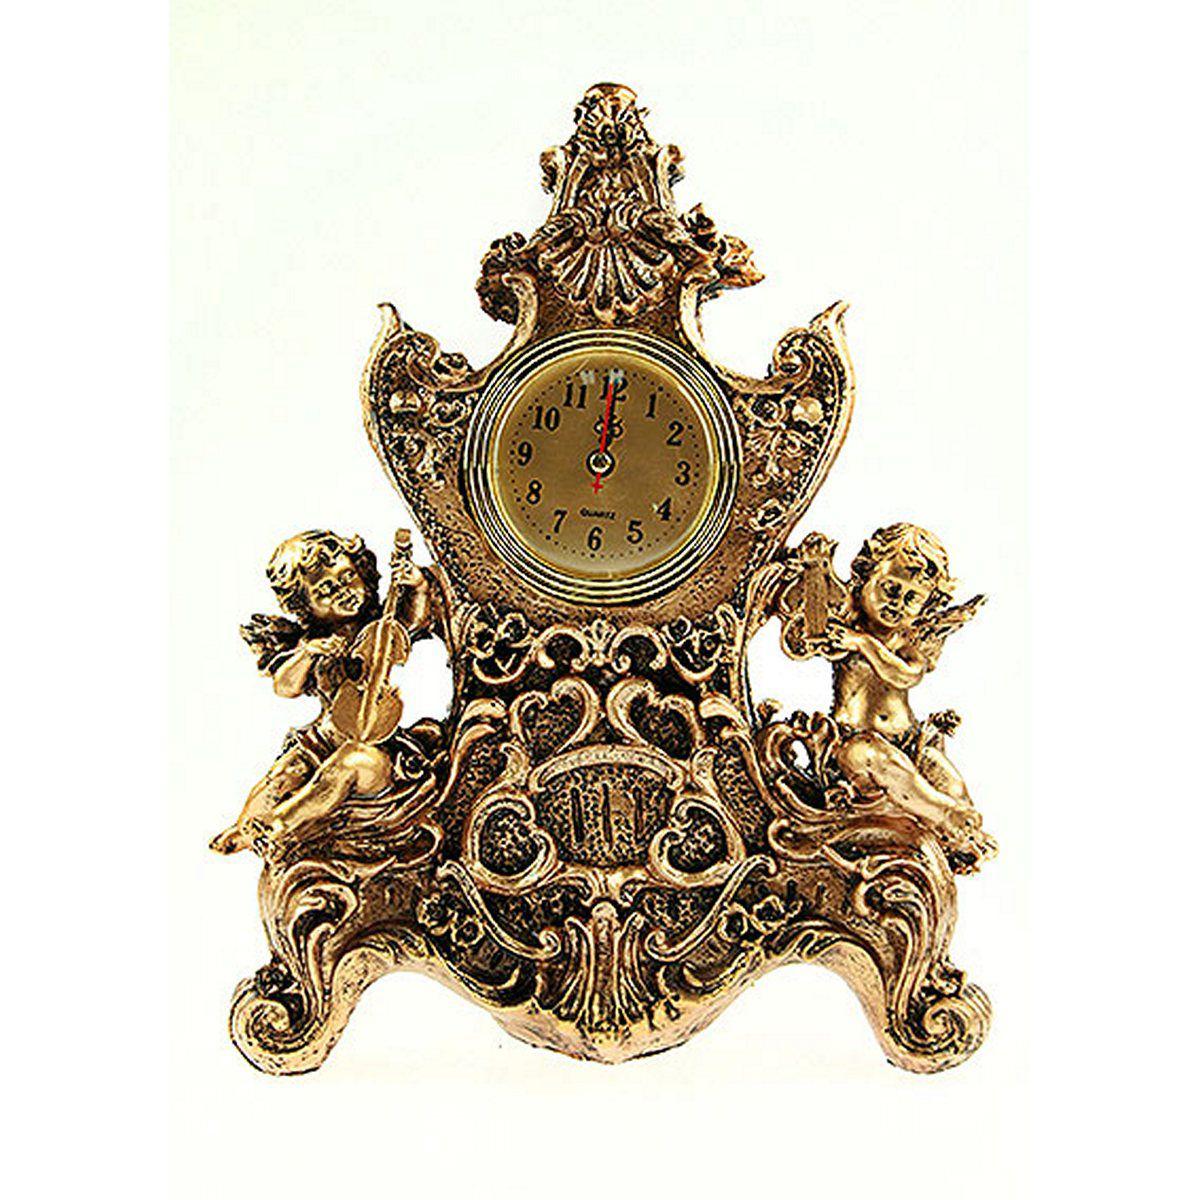 Часы настольные Русские Подарки Ангелочки, 22 х 10 х 31 см. 5936959369Настольные кварцевые часы Русские Подарки Ангелочки изготовлены из полистоуна, циферблат защищен стеклом. Часы имеют три стрелки - часовую, минутную и секундную. Изящные часы красиво и оригинально оформят интерьер дома или рабочий стол в офисе. Также часы могут стать уникальным, полезным подарком для родственников, коллег, знакомых и близких. Часы работают от батареек типа АА (в комплект не входят).